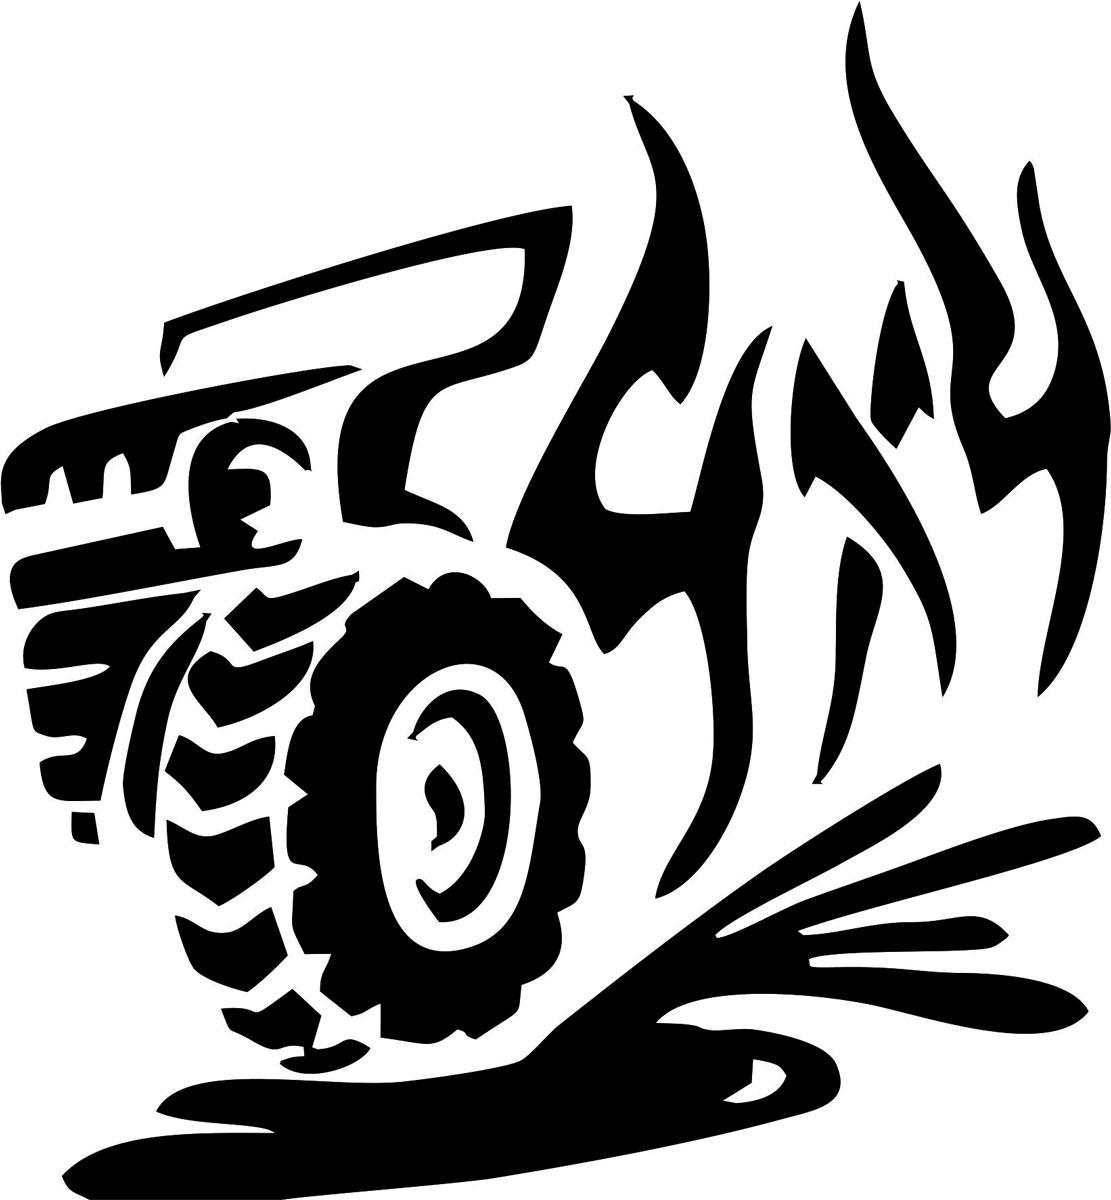 Наклейка автомобильная Оранжевый слоник 4х4. Джип, виниловая, цвет: черныйCA-3505Оригинальная наклейка Оранжевый слоник 4х4. Джип изготовлена из высококачественной виниловой пленки, которая выполняет не только декоративную функцию, но и защищает кузов автомобиля от небольших механических повреждений, либо скрывает уже существующие.Виниловые наклейки на автомобиль - это не только красиво, но еще и быстро! Всего за несколько минут вы можете полностью преобразить свой автомобиль, сделать его ярким, необычным, особенным и неповторимым!